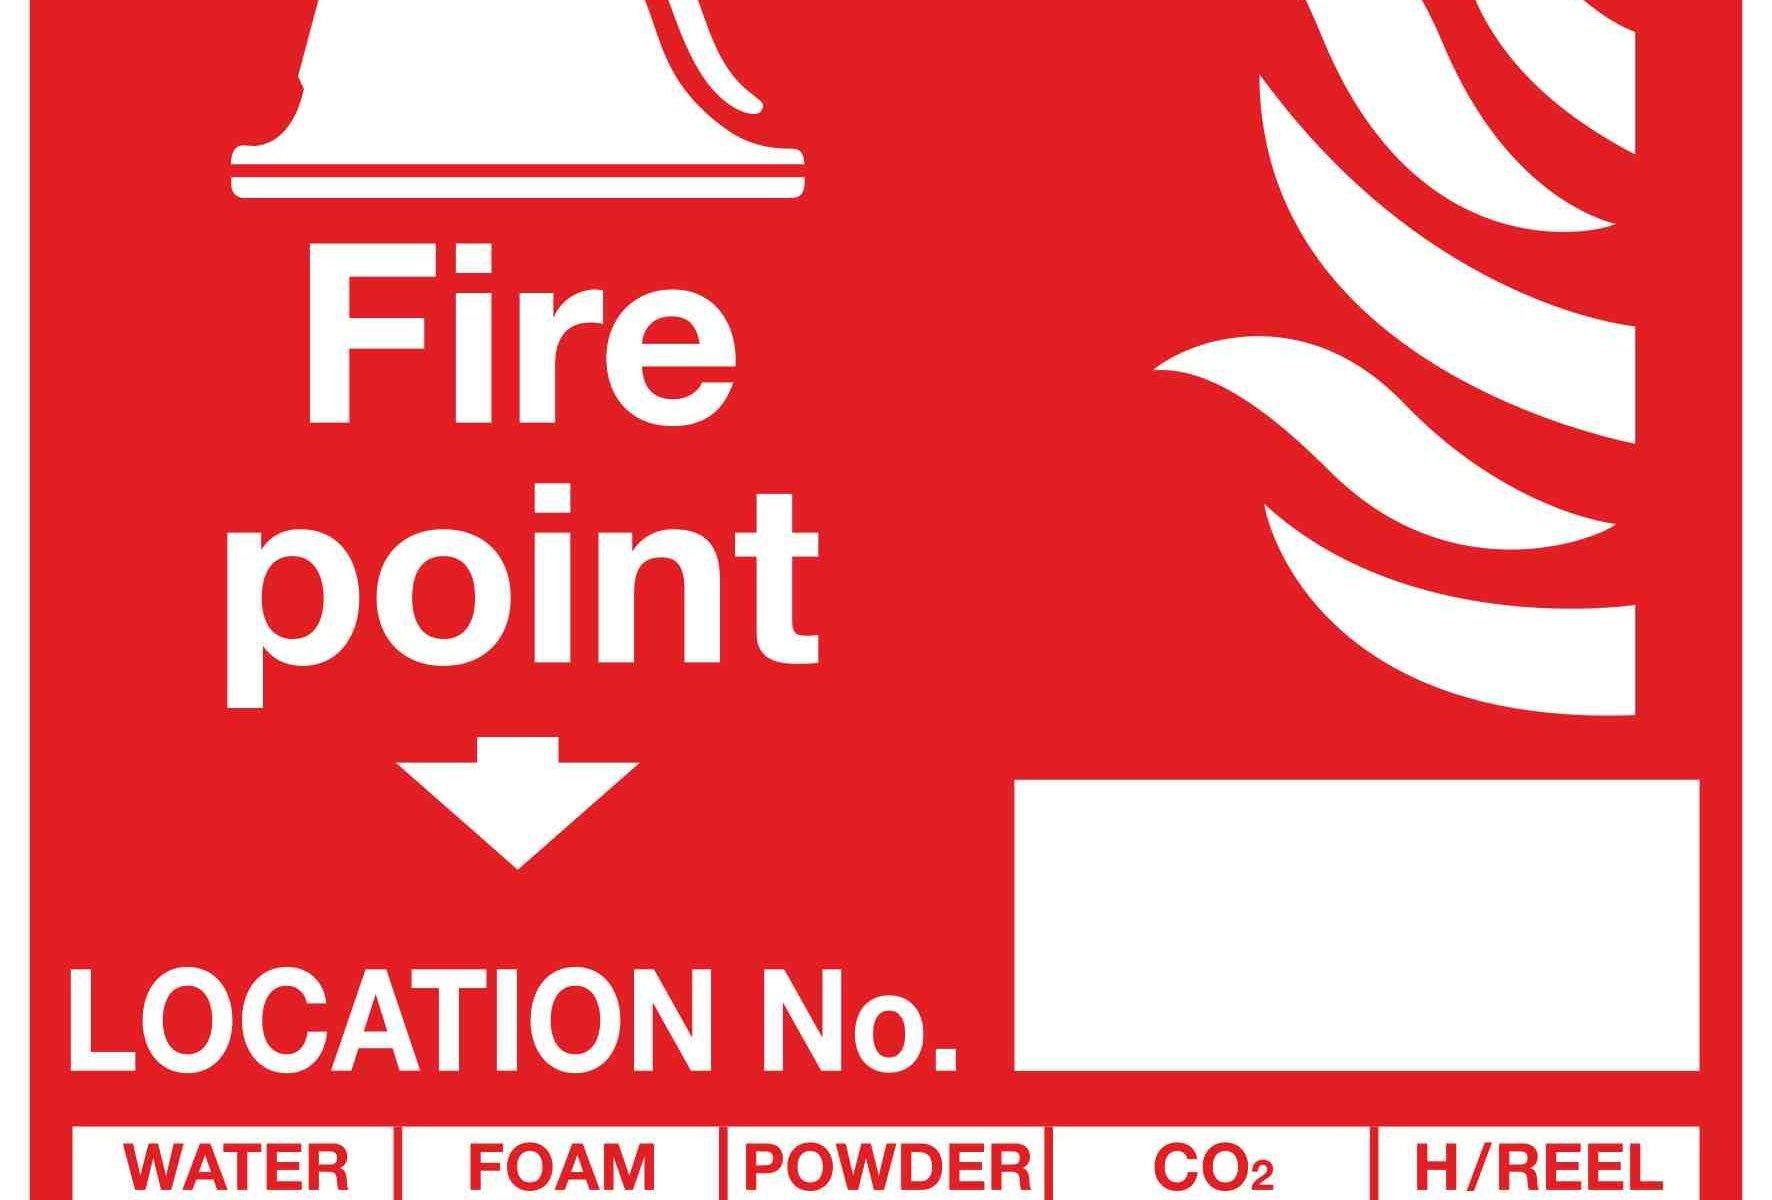 Fire point Location No. WATER FOAM POWDER CO2 H/REEL